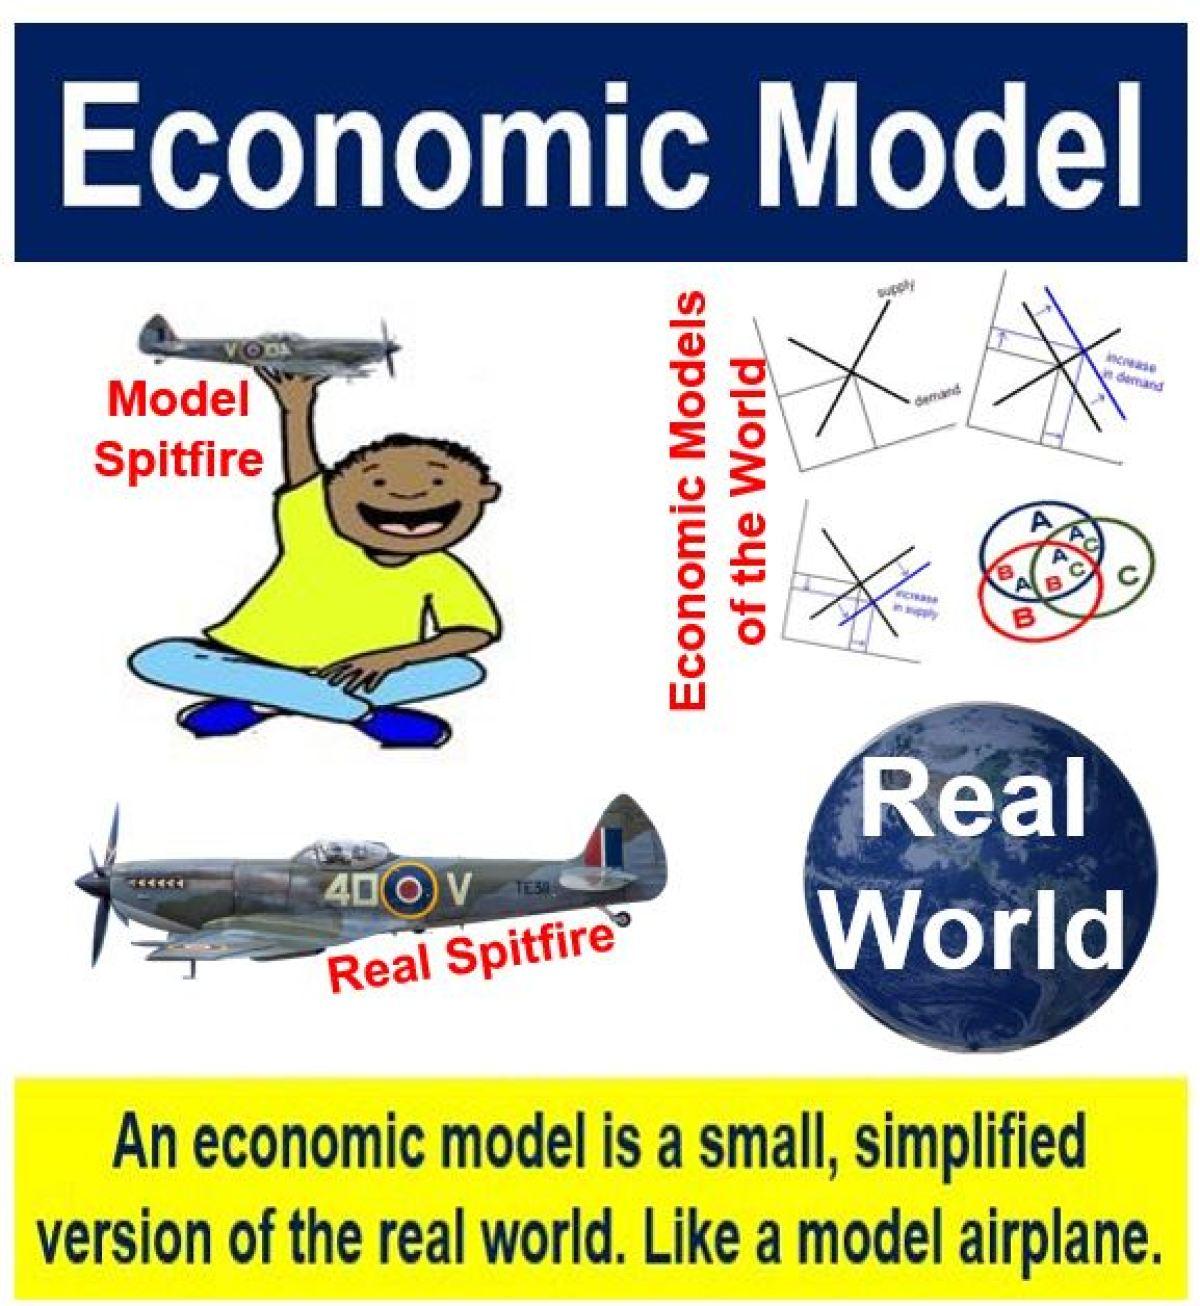 অর্থনৈতিক মডেল